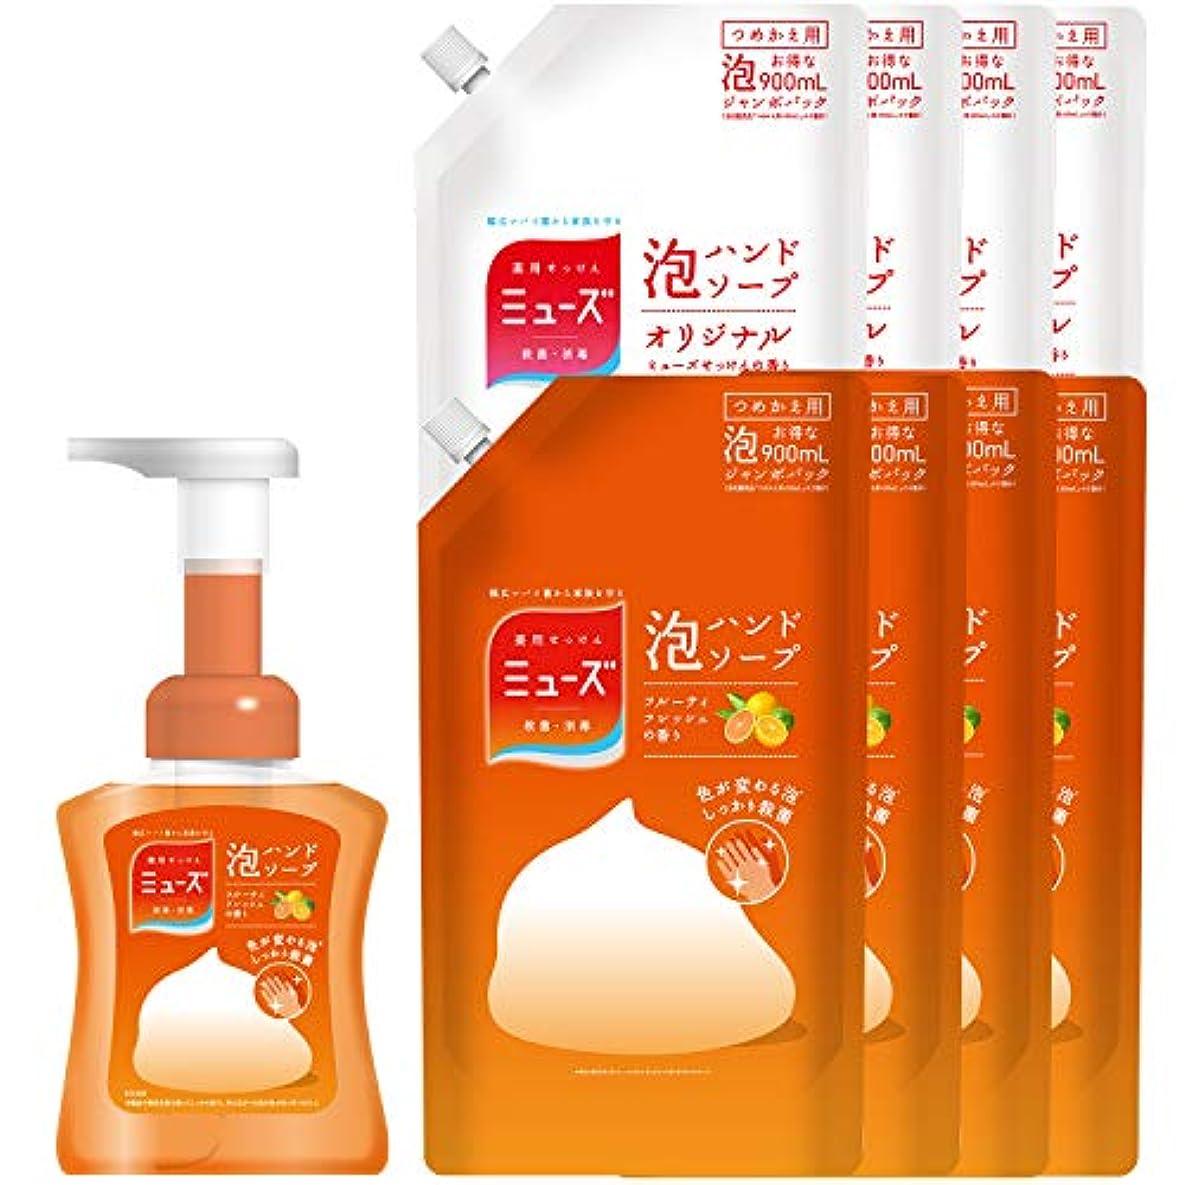 ビルダーセラー考え【セット品】薬用せっけんミューズ 泡ハンドソープ フルーティフレッシュの香り 色が変わる泡 本体ボトル 250ml+詰替え2種 セット